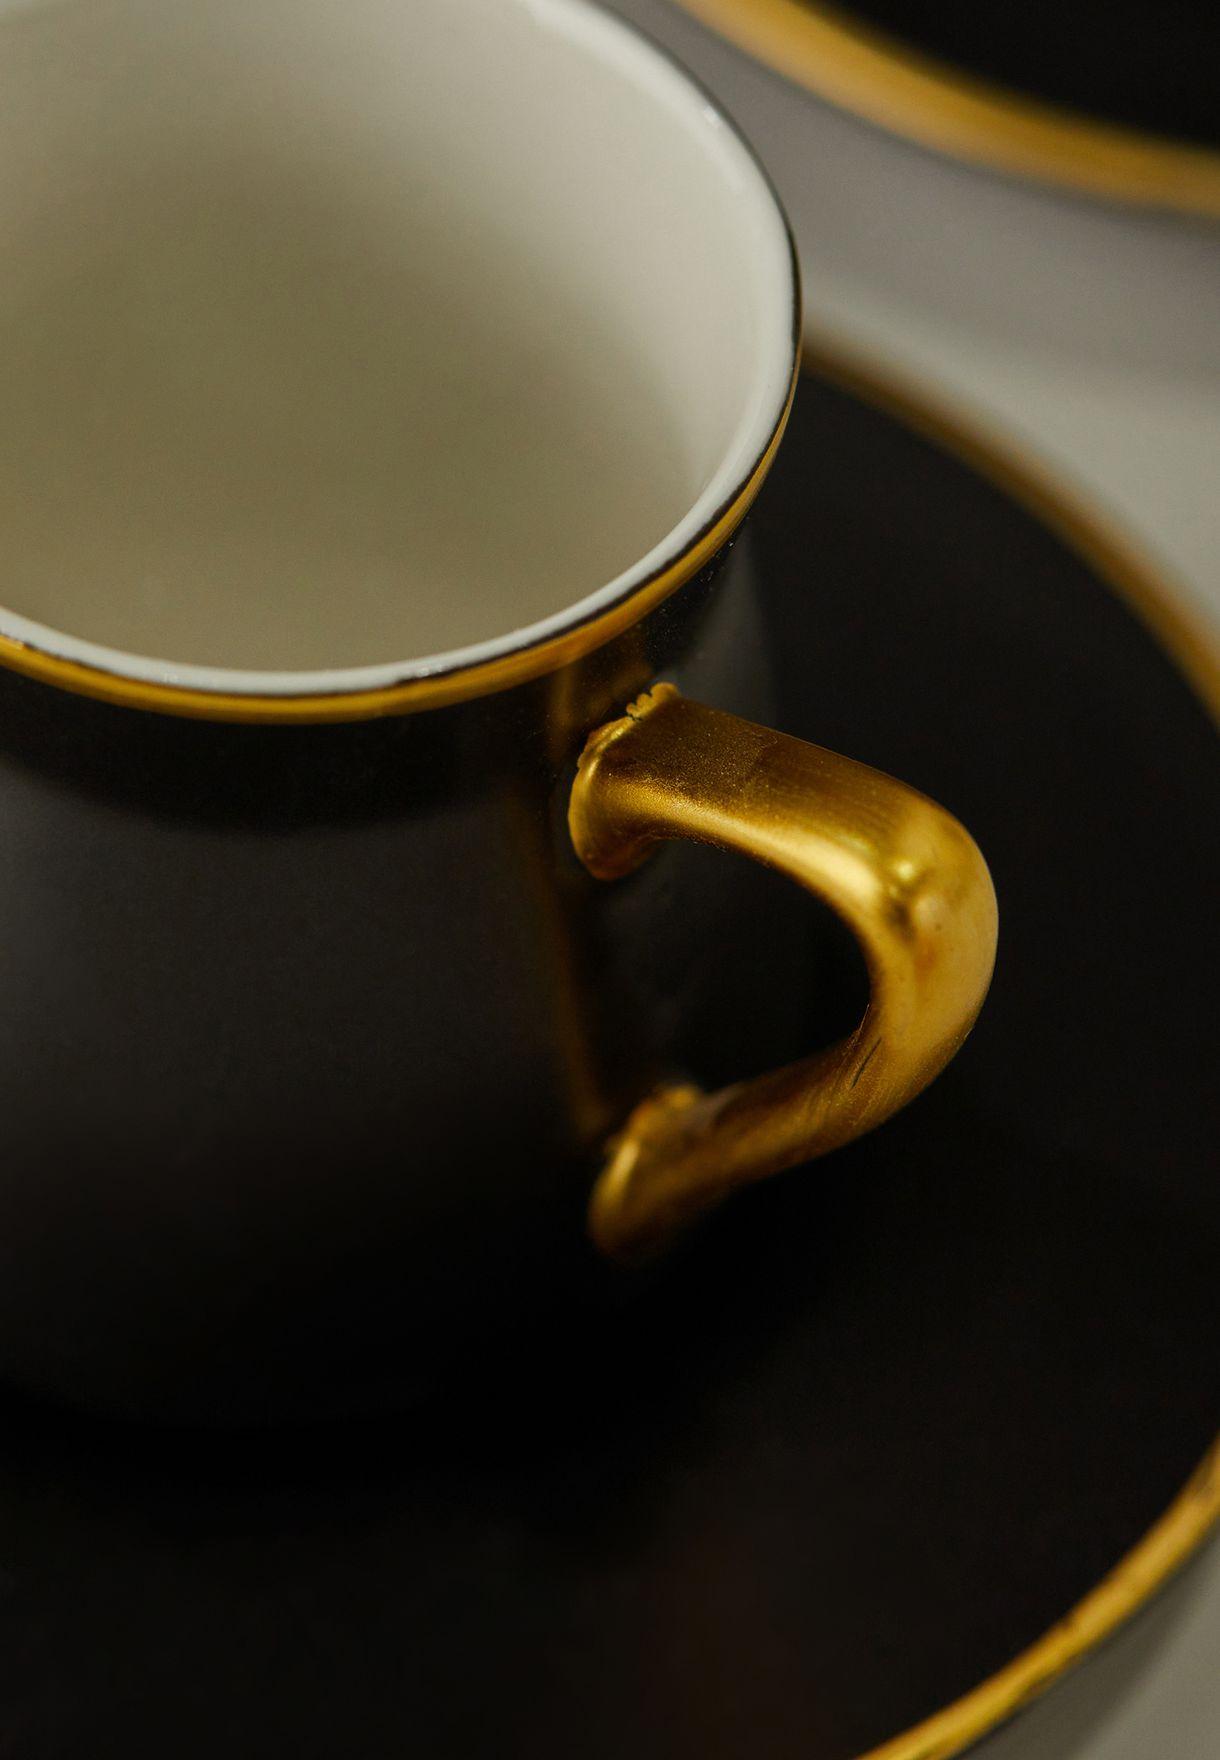 مجموعة من 6 اكواب شاي مع صحون